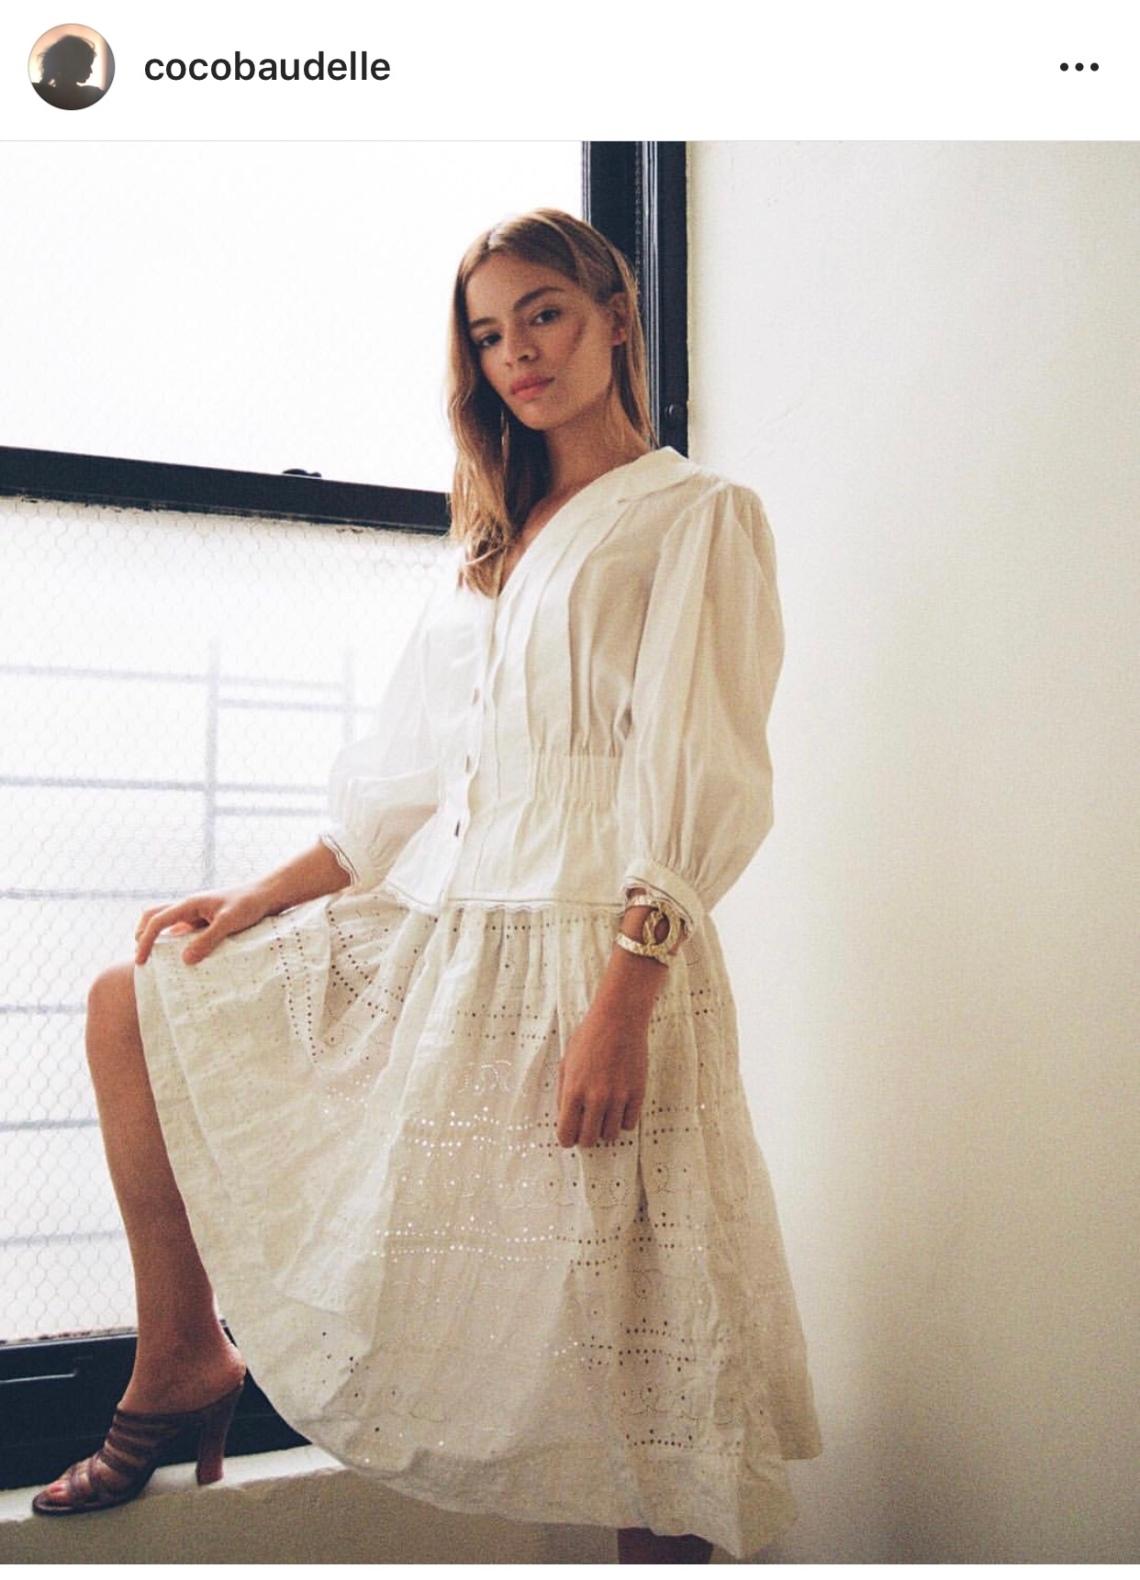 Prairie dress o que é e como usar - Flavia Millen